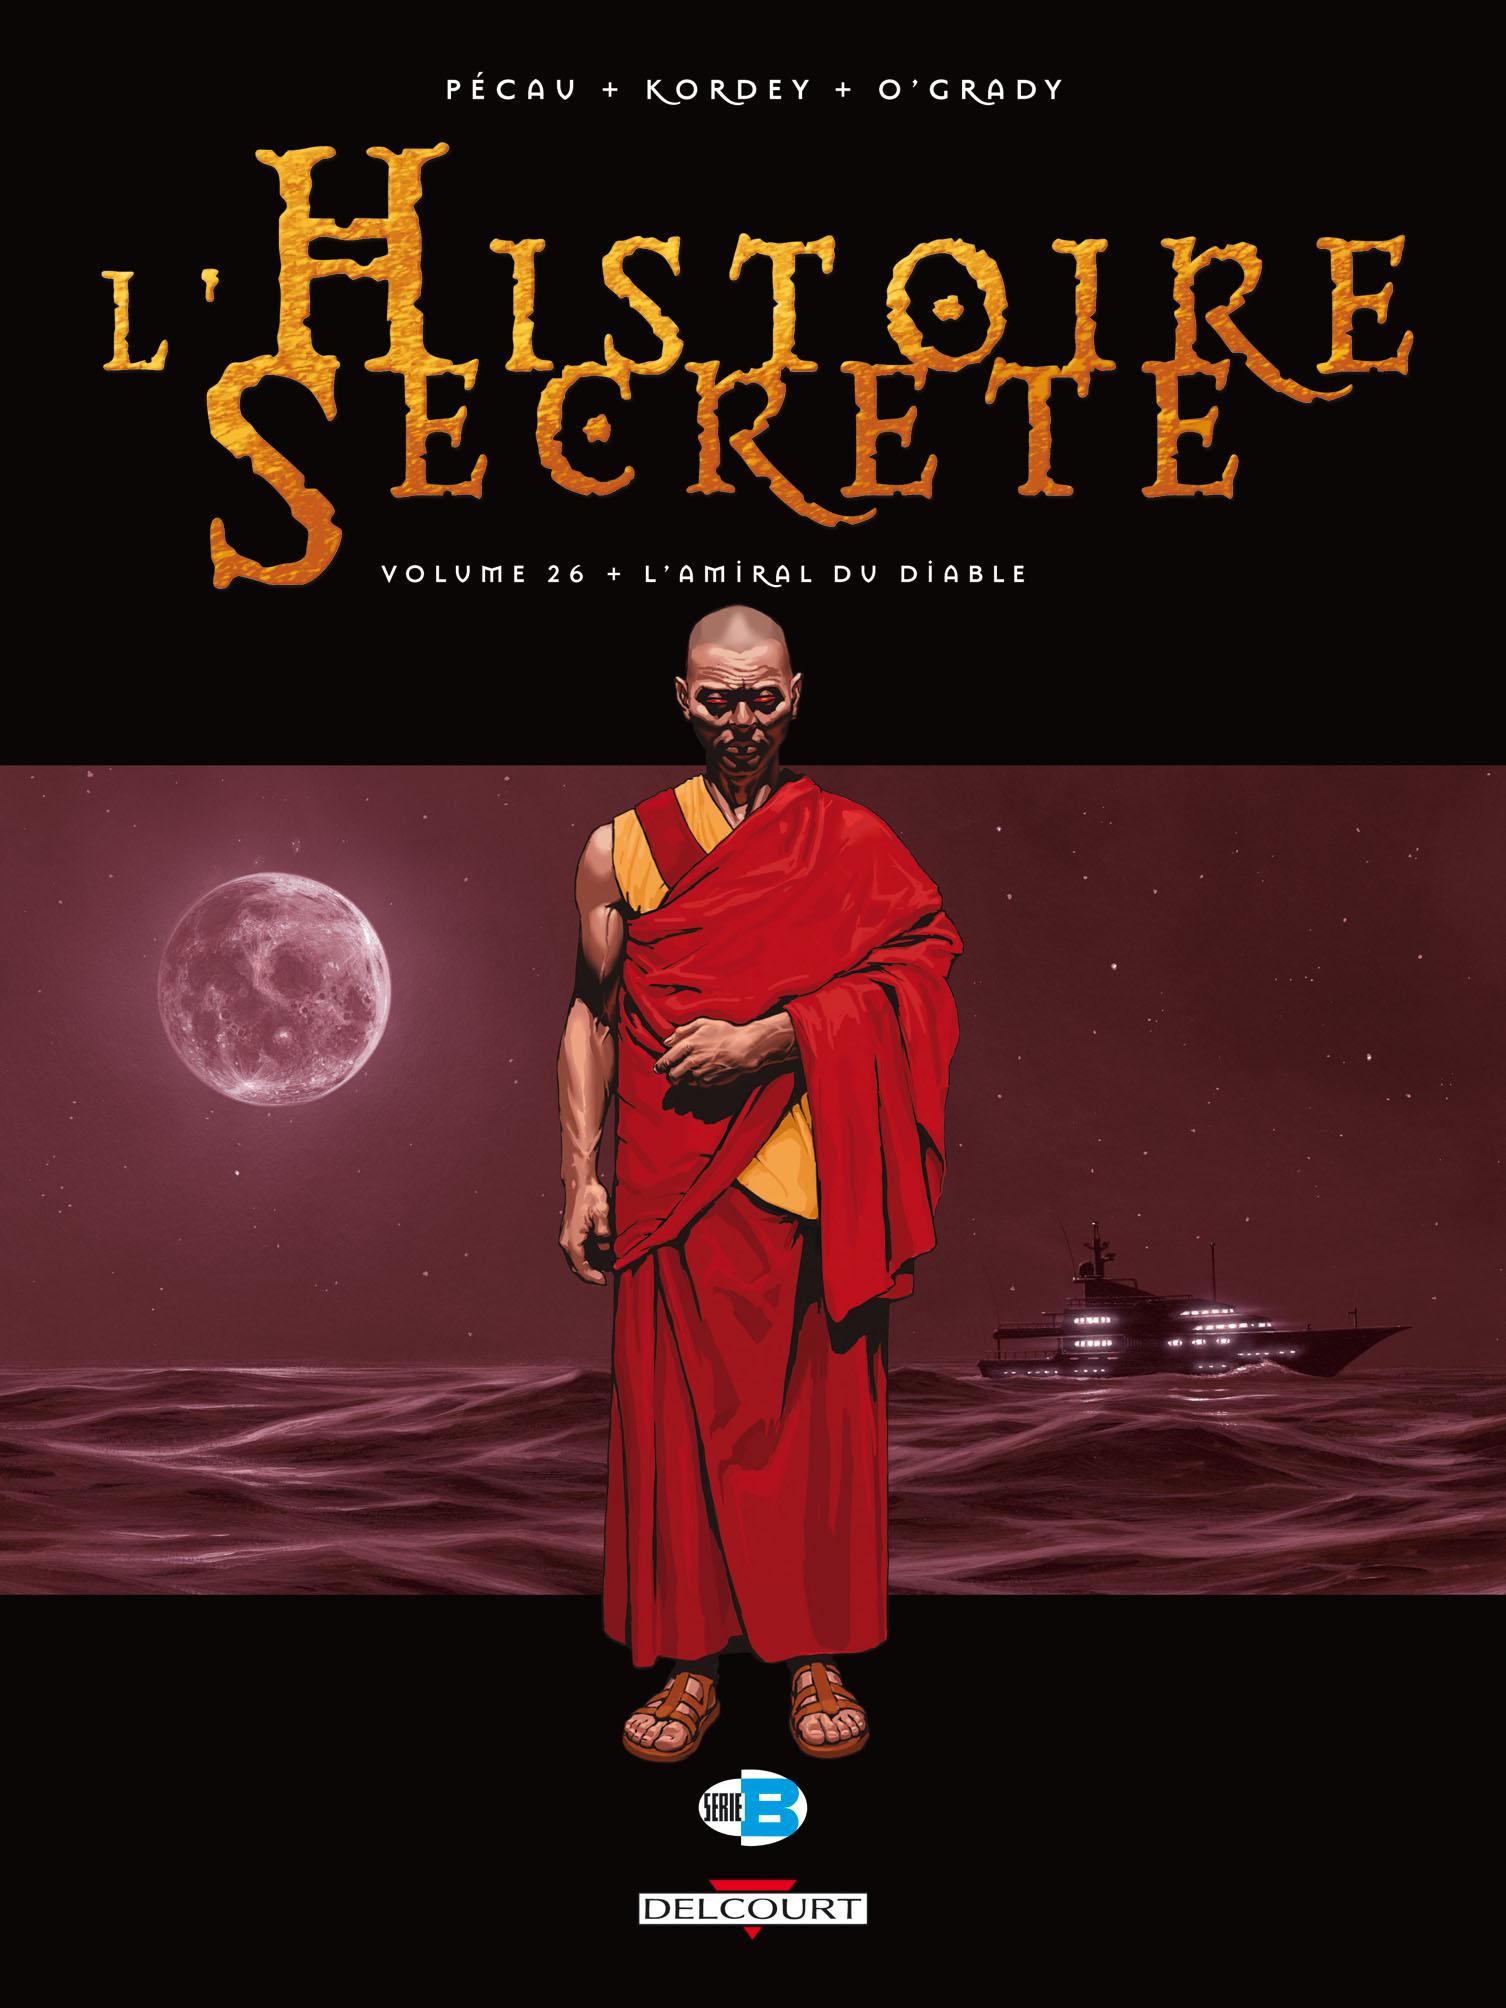 L'histoire secrète 26 - L'amiral du diable